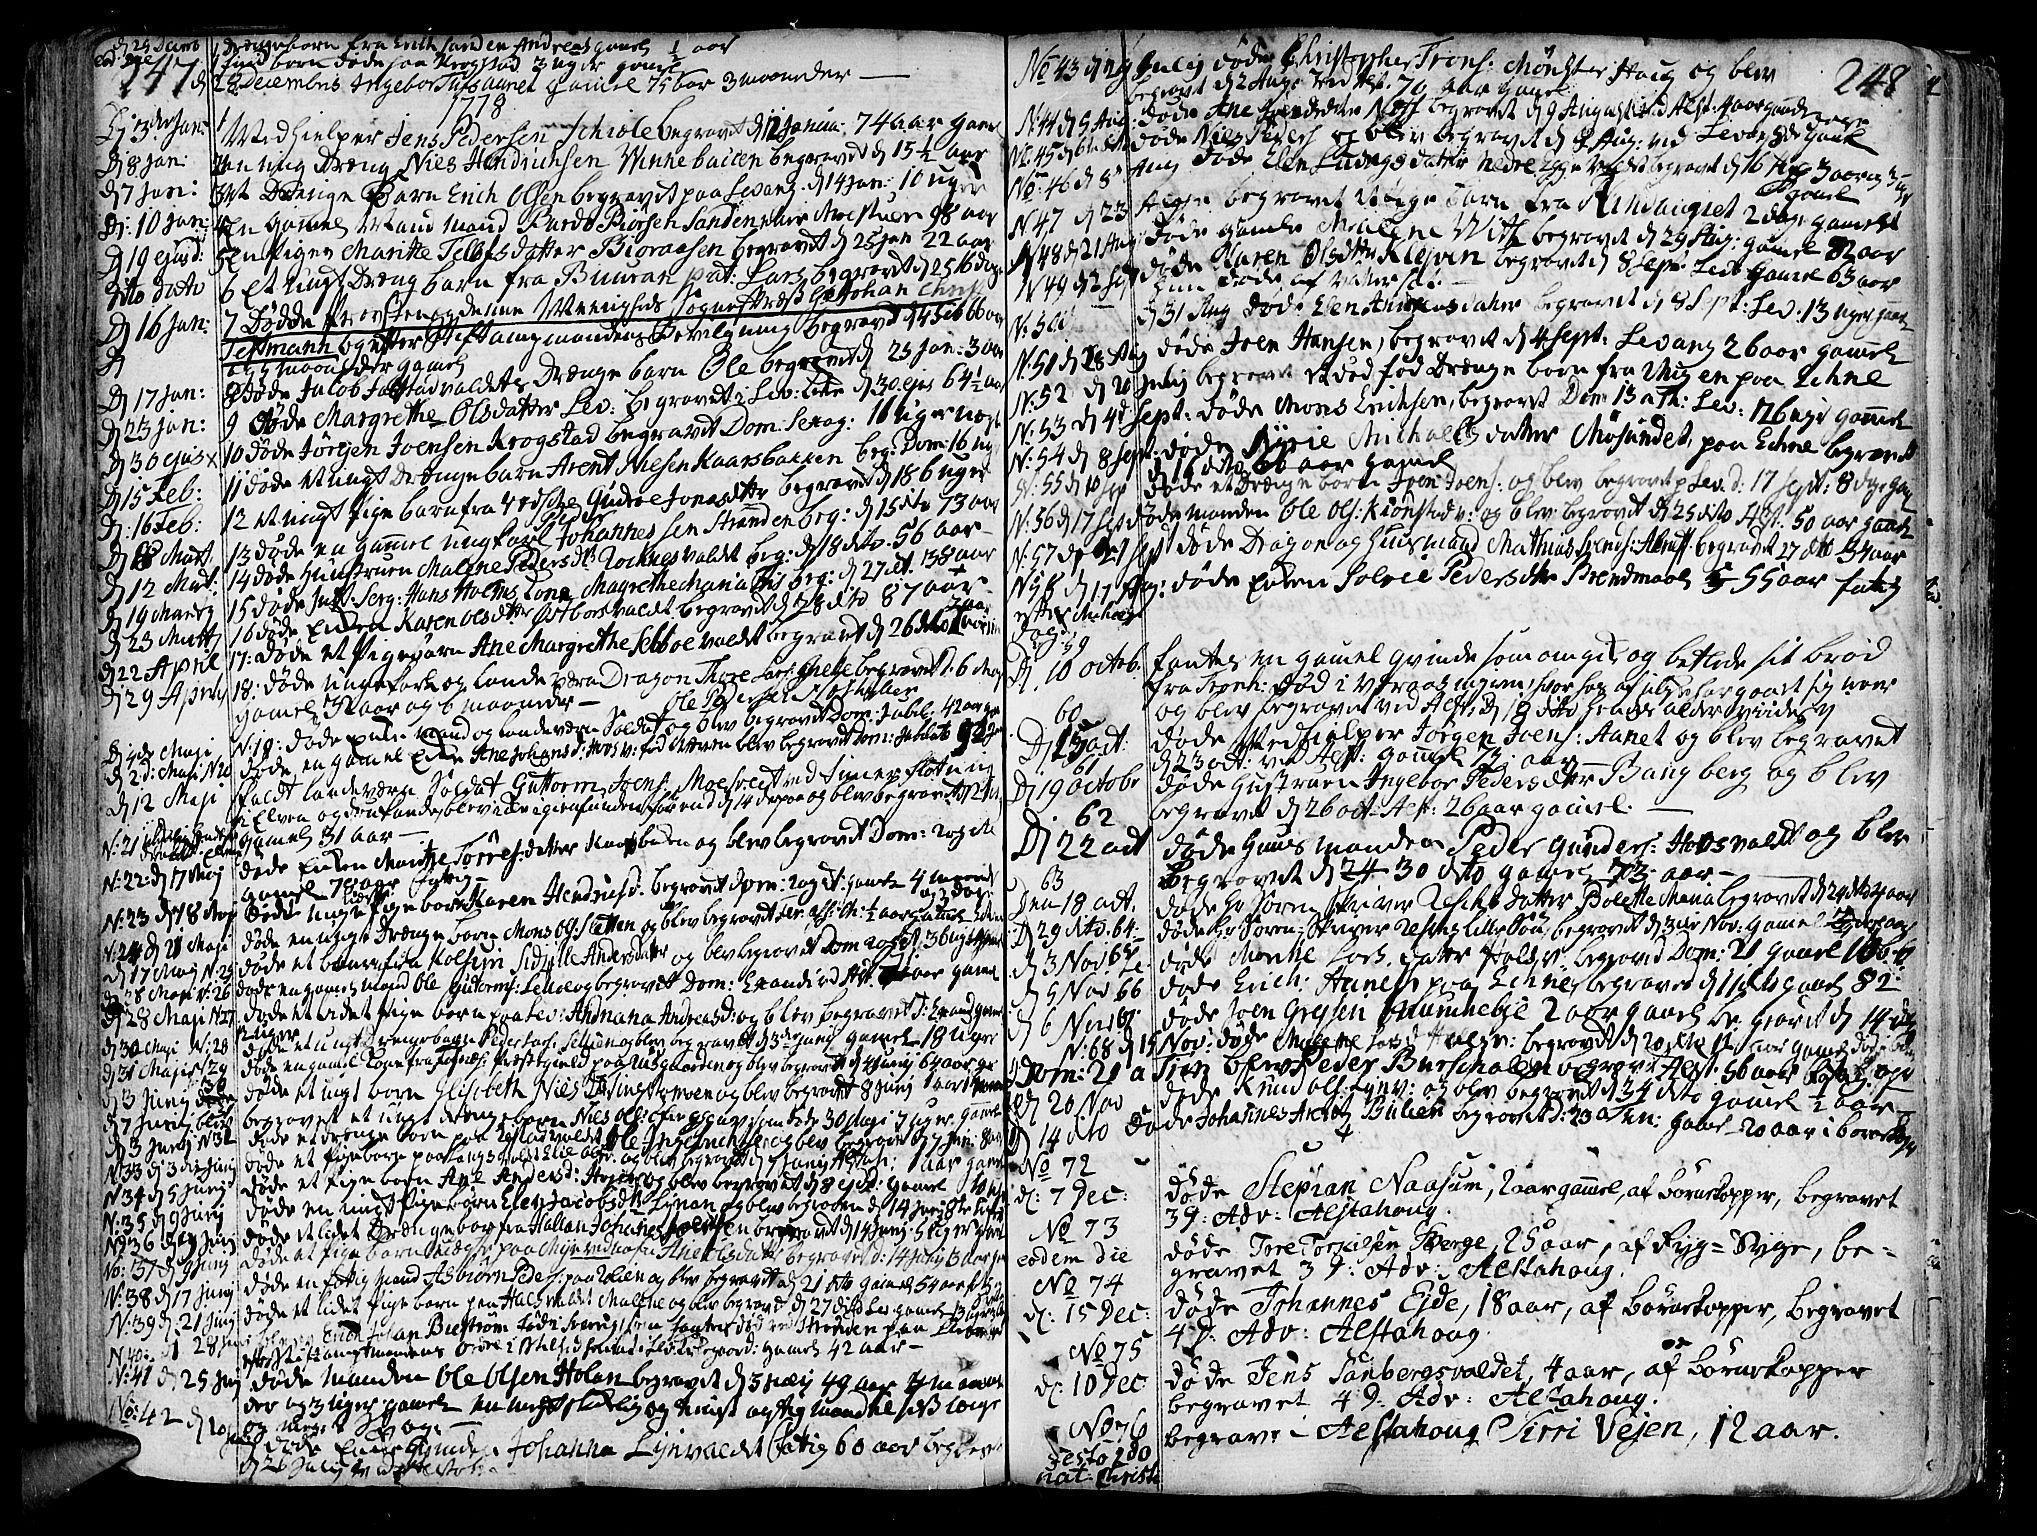 SAT, Ministerialprotokoller, klokkerbøker og fødselsregistre - Nord-Trøndelag, 717/L0141: Ministerialbok nr. 717A01, 1747-1803, s. 247-248